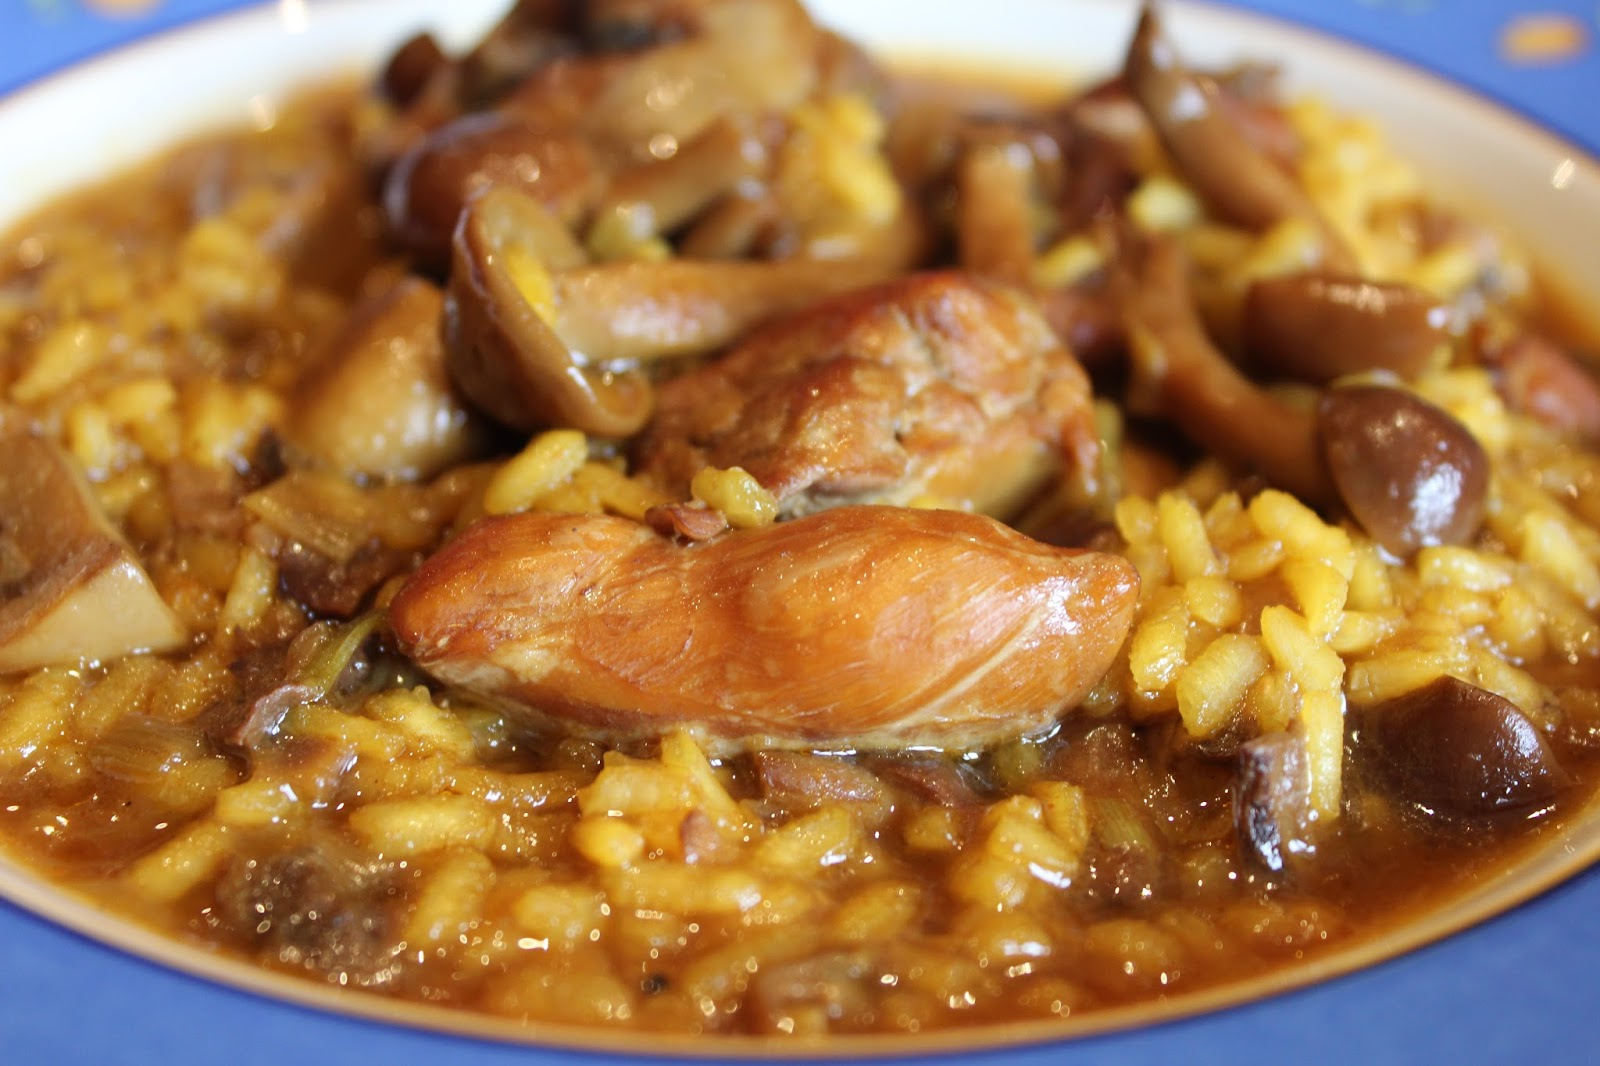 Arroz Caldoso Con Setas Y Pollo pacocinartu: arroz meloso de pollo y conejo con setas y ajos tiernos